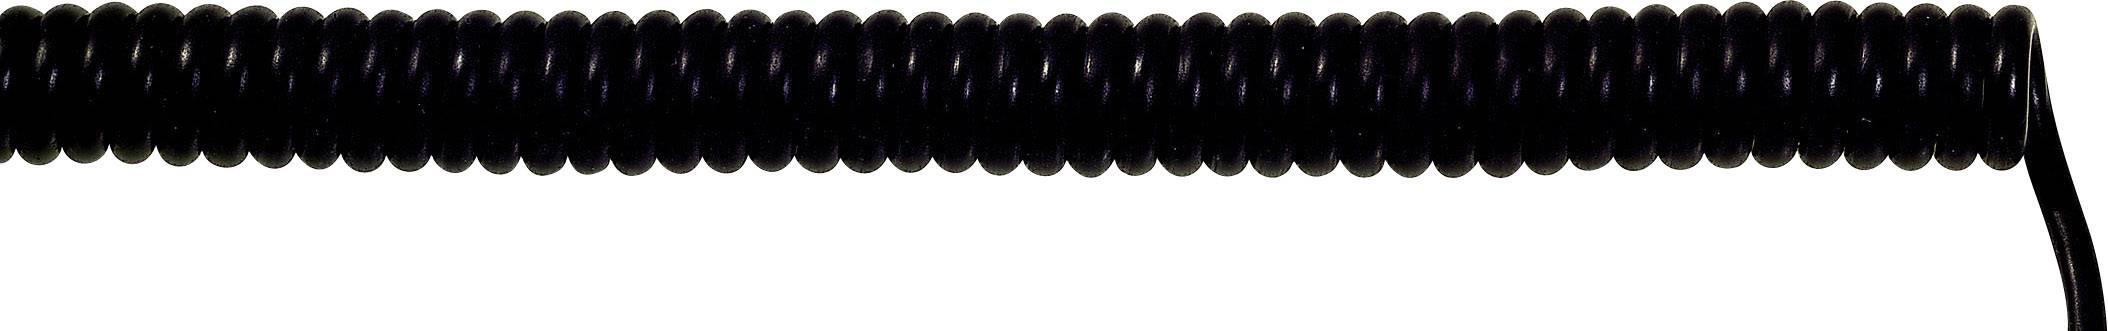 Spirálový kabel 73220262 UNITRONIC® SPIRAL 6 x 0.25 mm², 300 mm / 1200 mm, černá